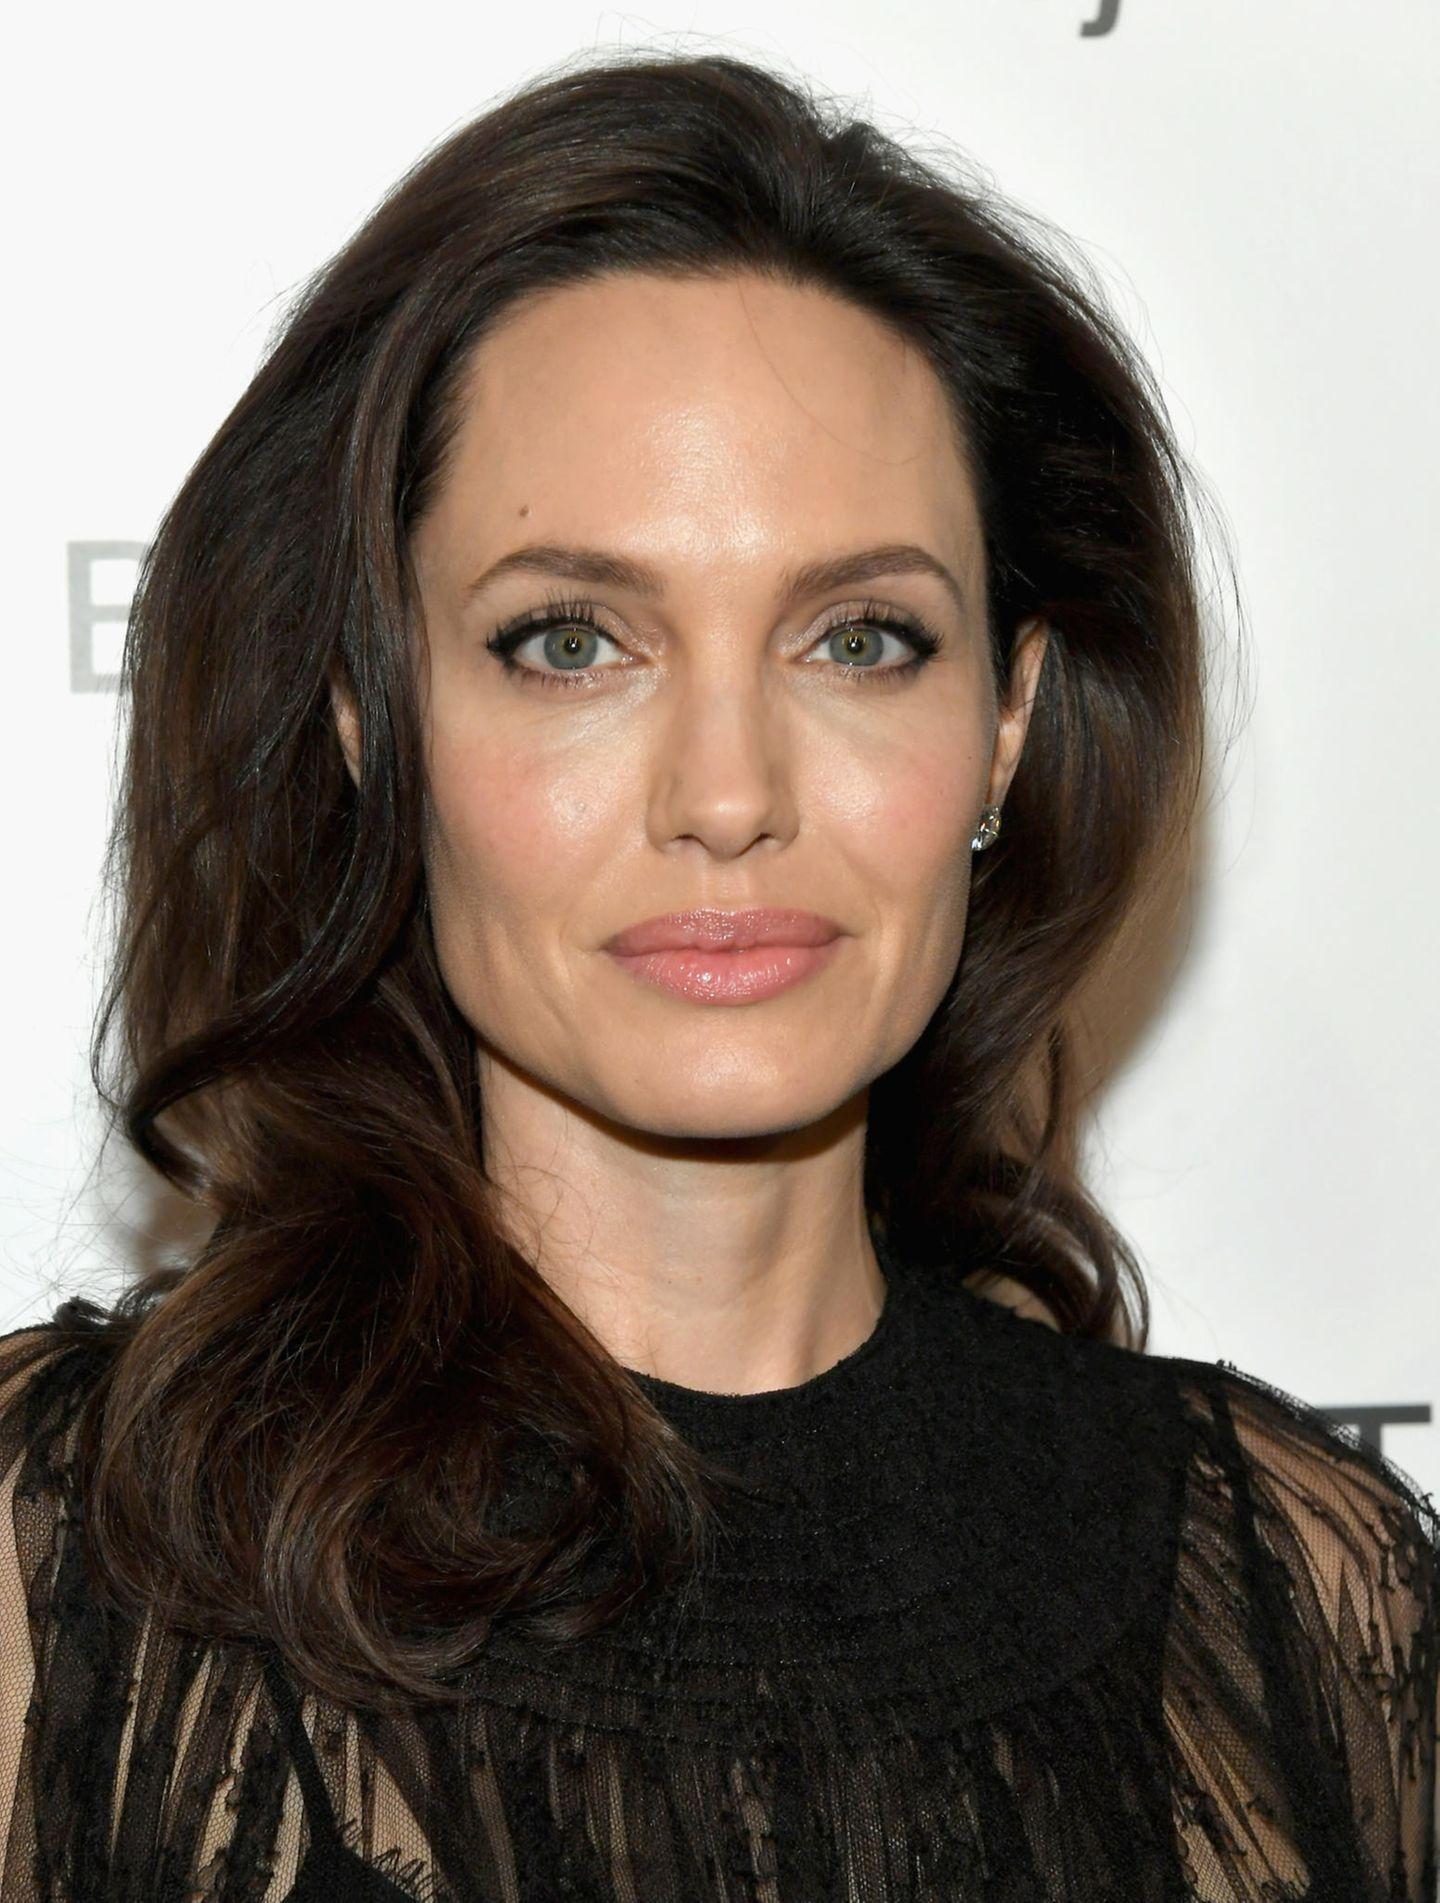 Frisuren, die jünger machen: Angelina Jolie mit Locken-Frisur